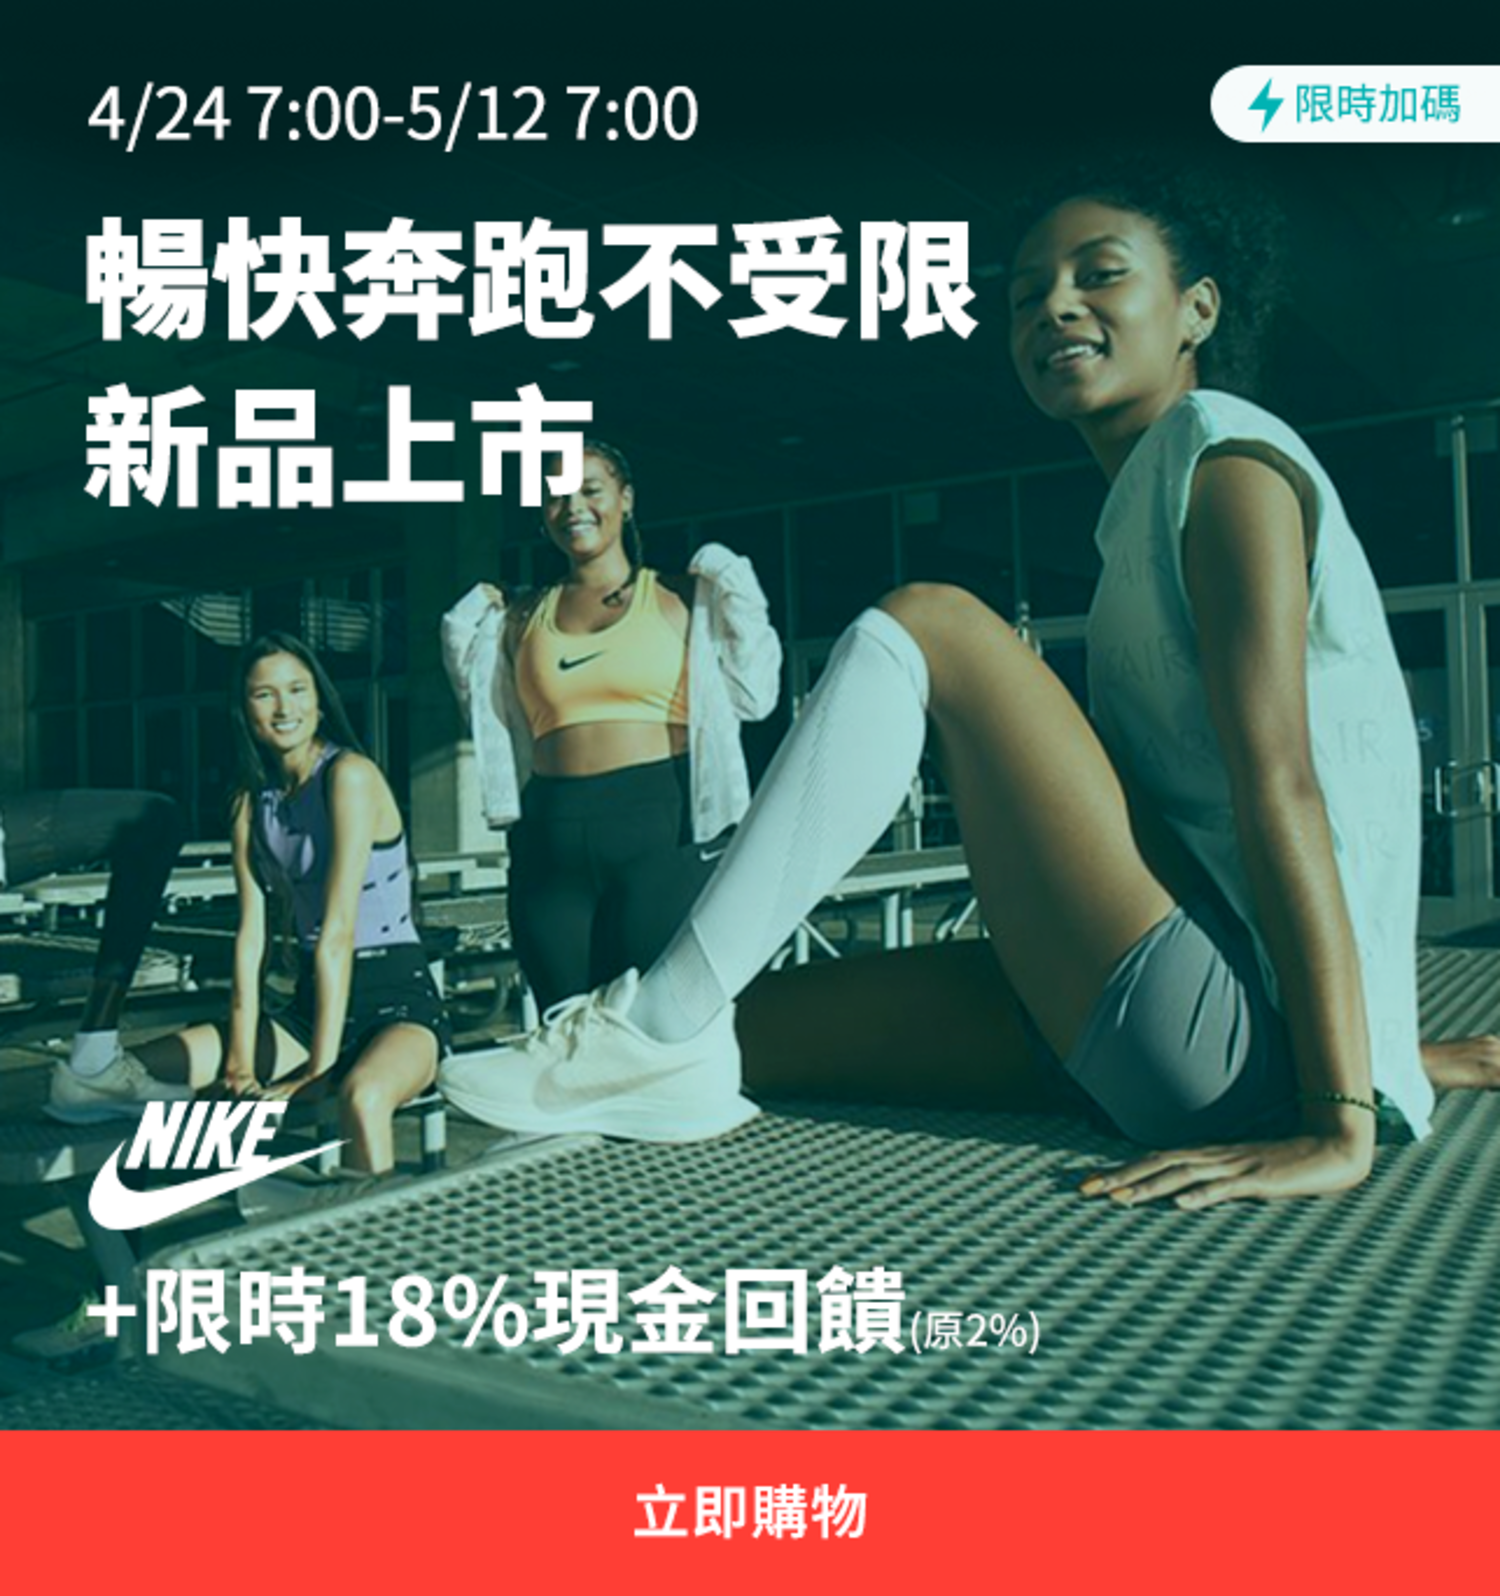 Nike 加碼 0424 7am-0512 7am